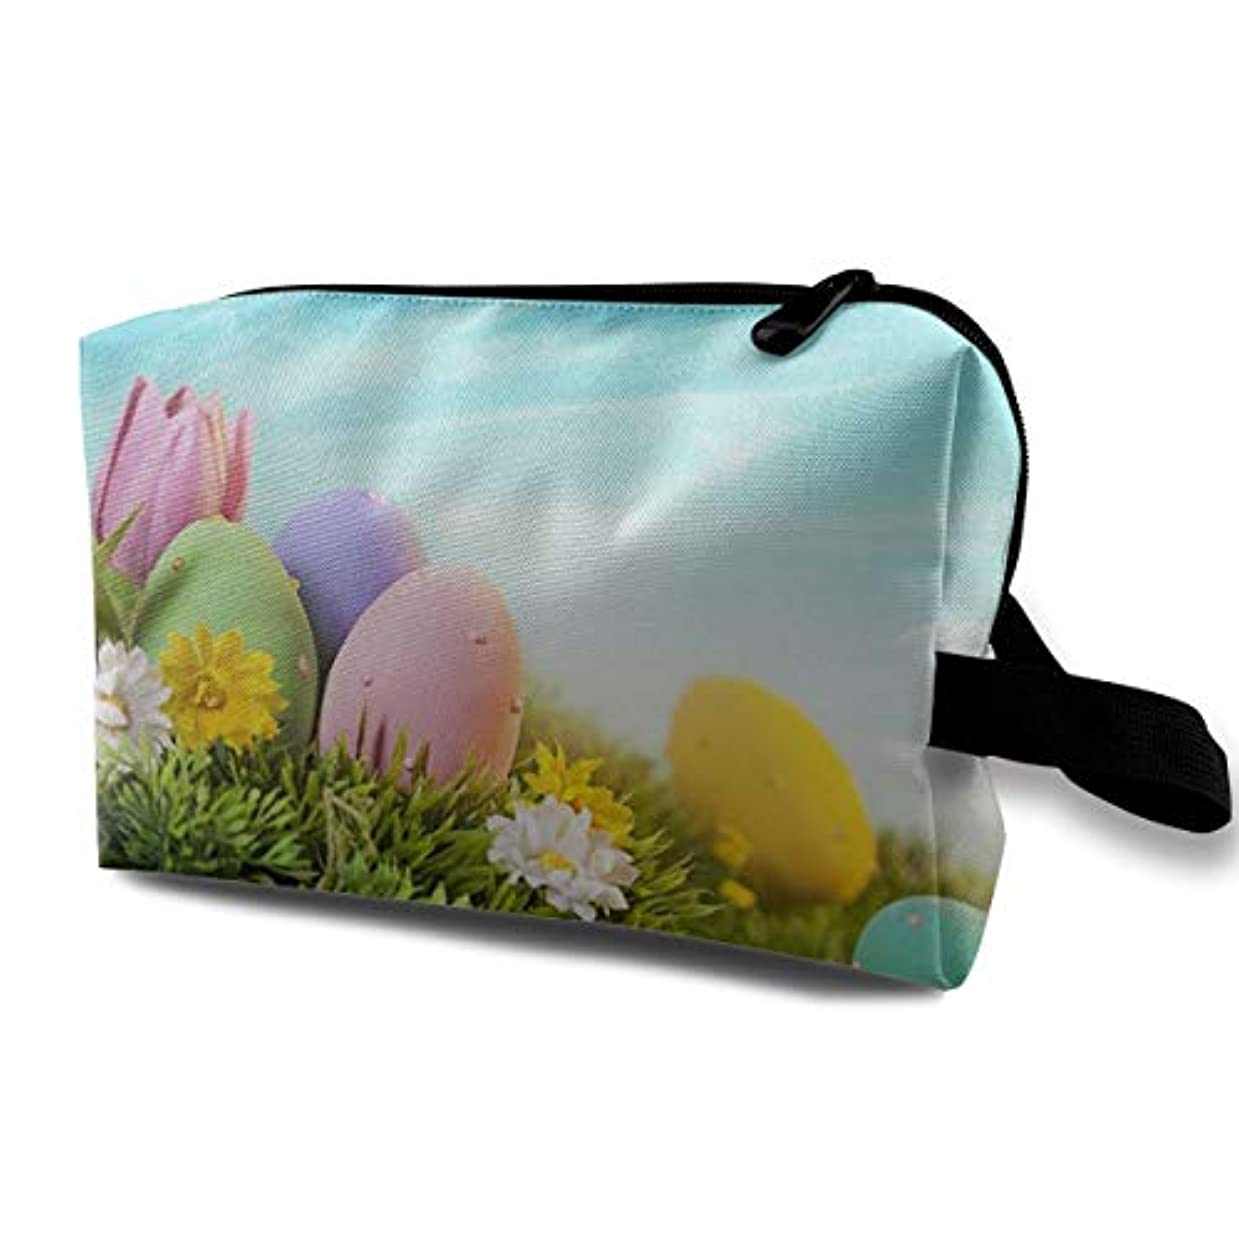 デッキそれからインカ帝国Green Grass Eggs Wrinkle 収納ポーチ 化粧ポーチ 大容量 軽量 耐久性 ハンドル付持ち運び便利。入れ 自宅?出張?旅行?アウトドア撮影などに対応。メンズ レディース トラベルグッズ